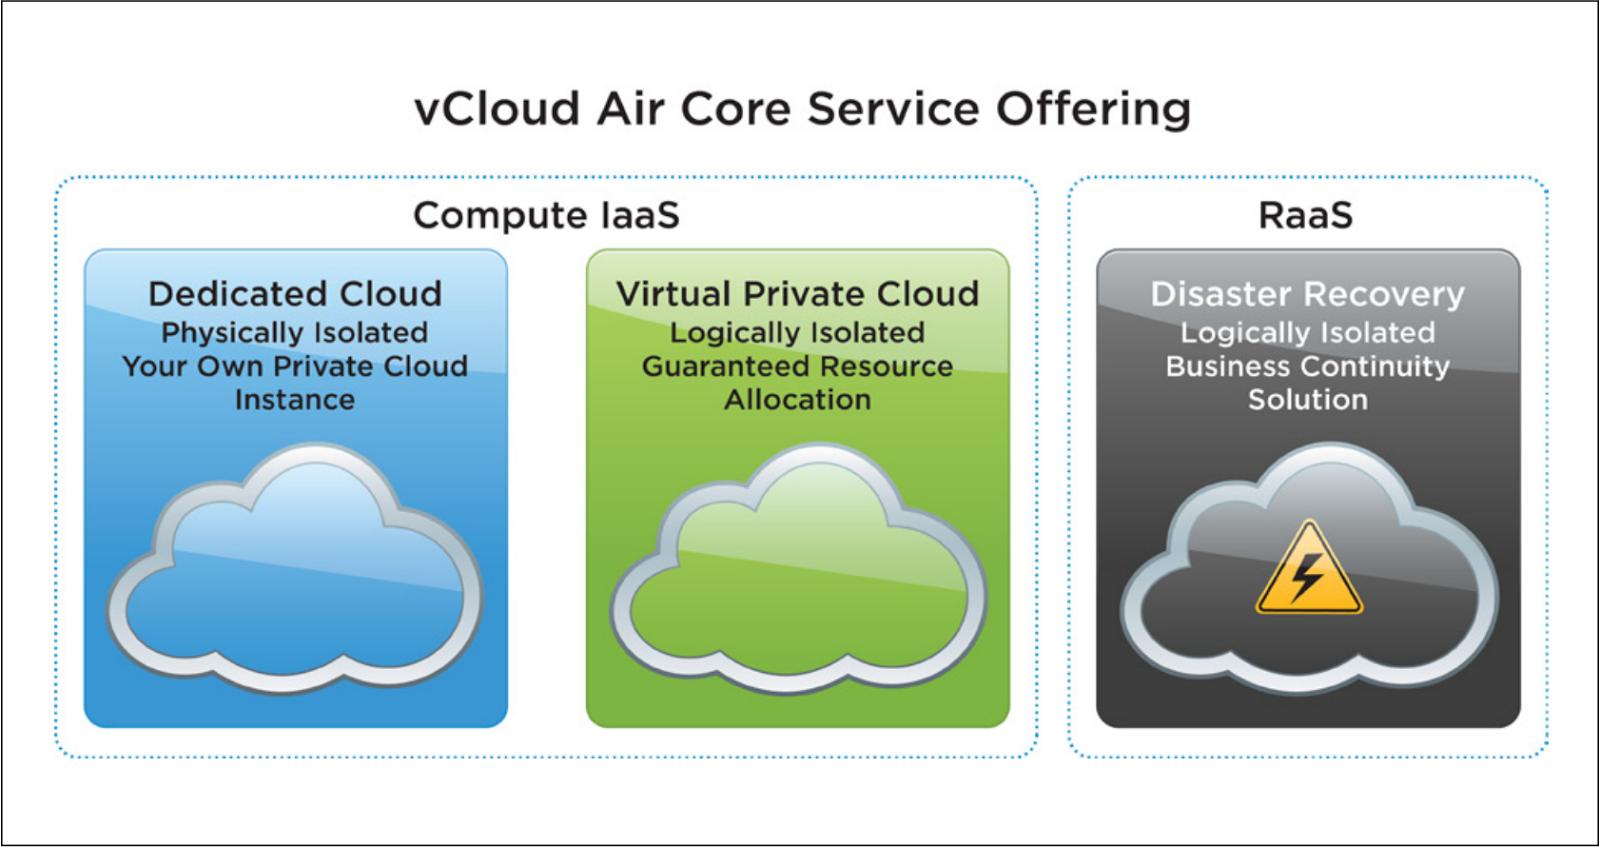 vCloud Air Core Service